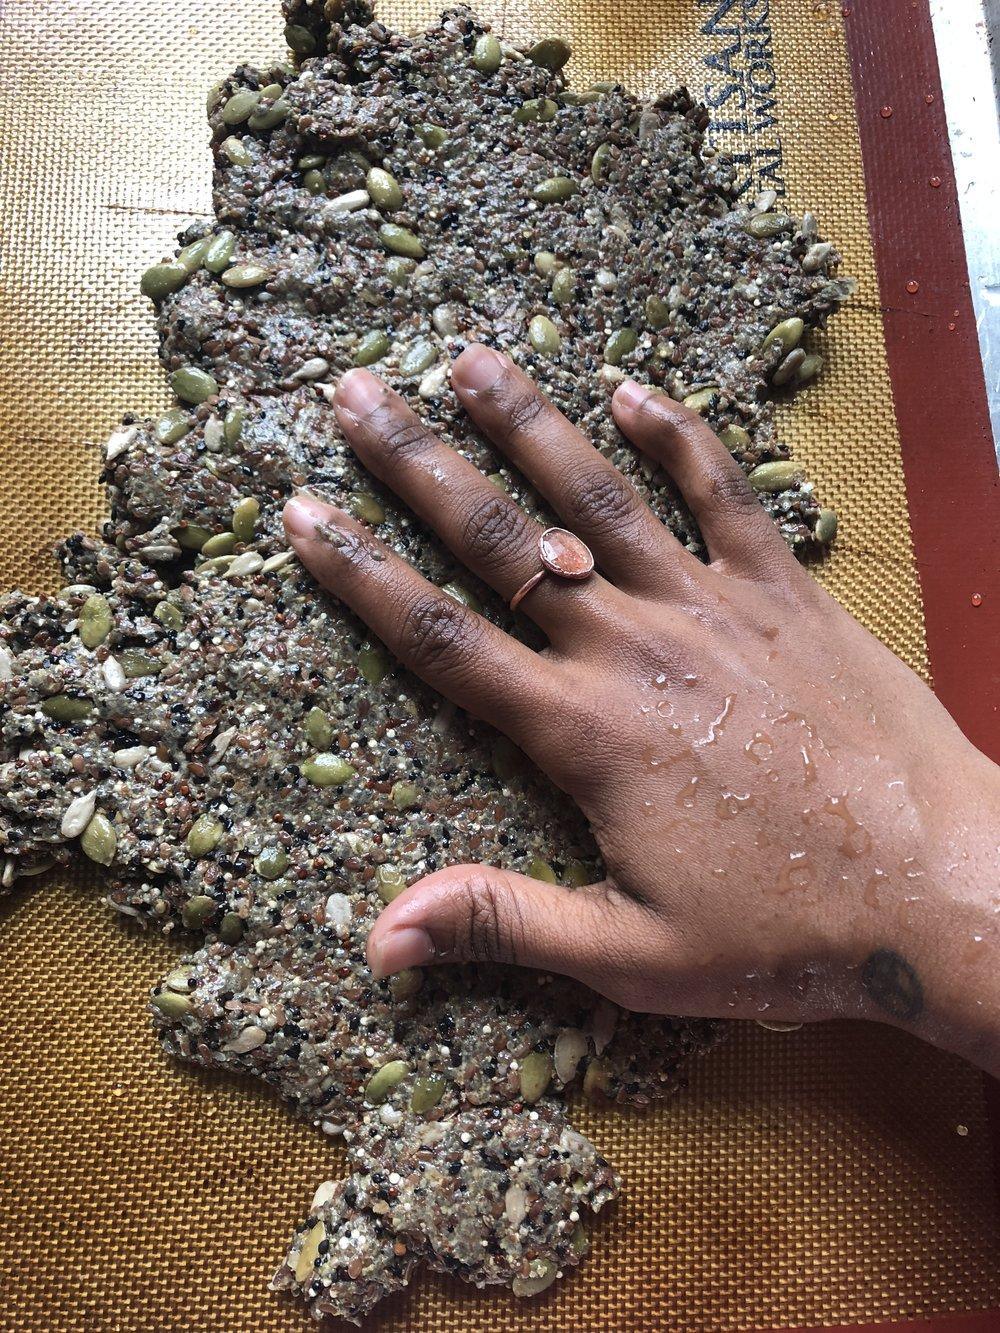 vsfcb seed crackers